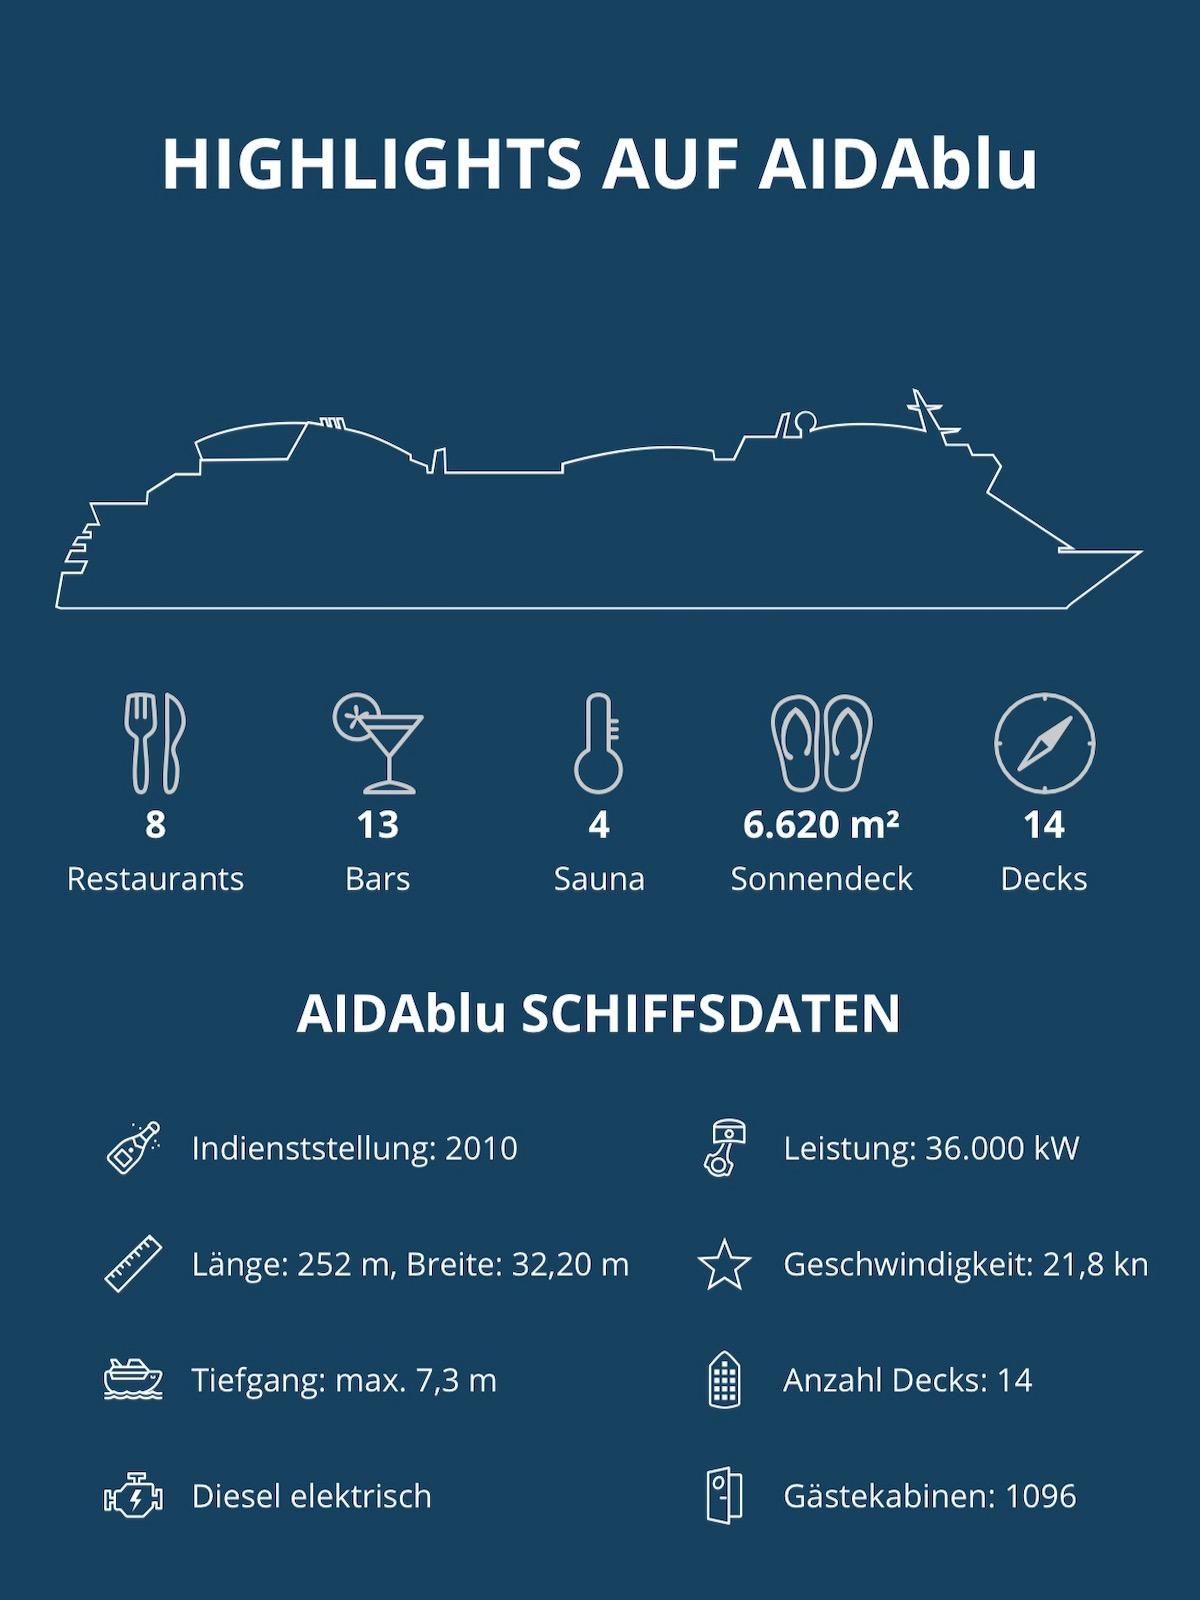 aida-cruises-ships-aidablu-daten-mobil